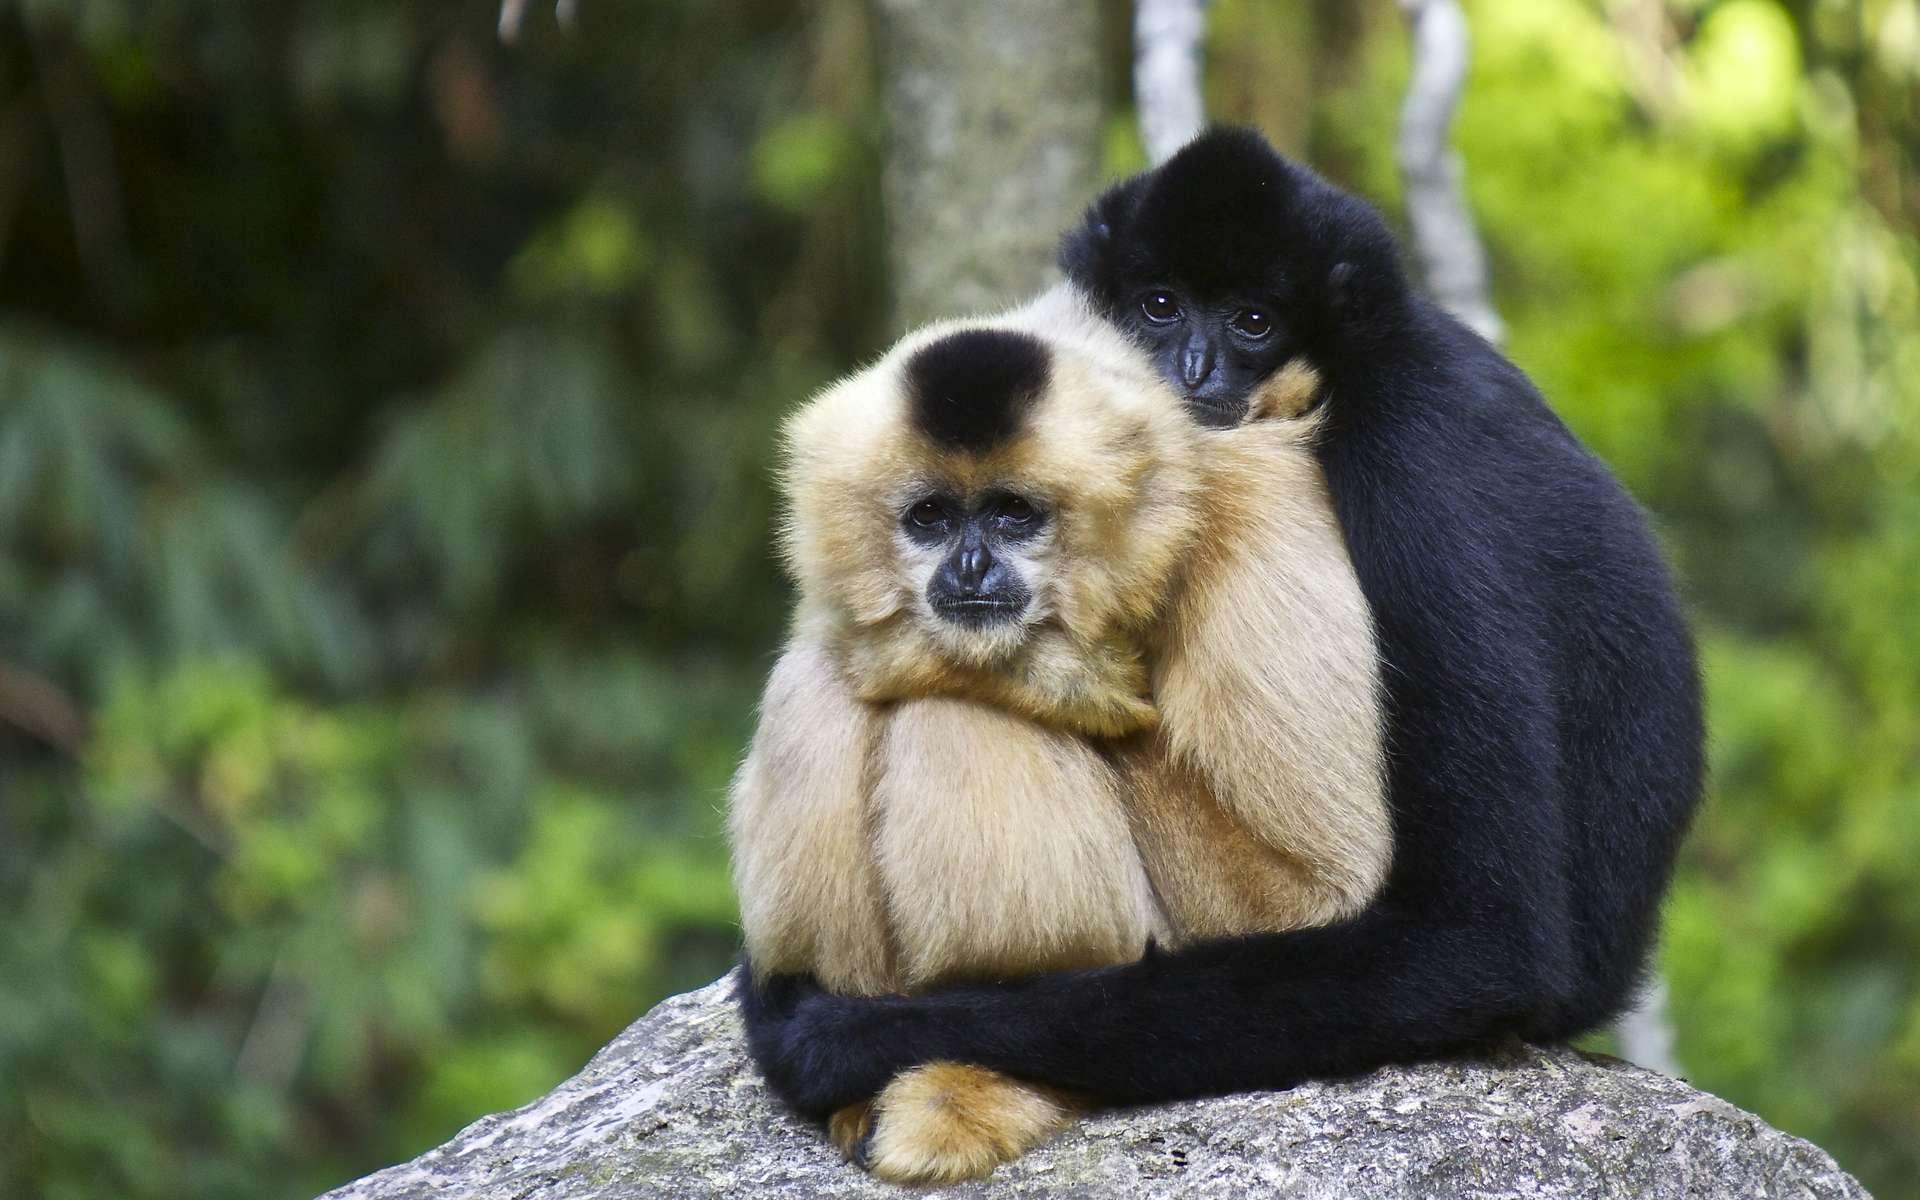 Les Hylobatidés sont une famille de singe qui regroupe toutes les espèces de gibbons. © Marcus, Adobe Stock